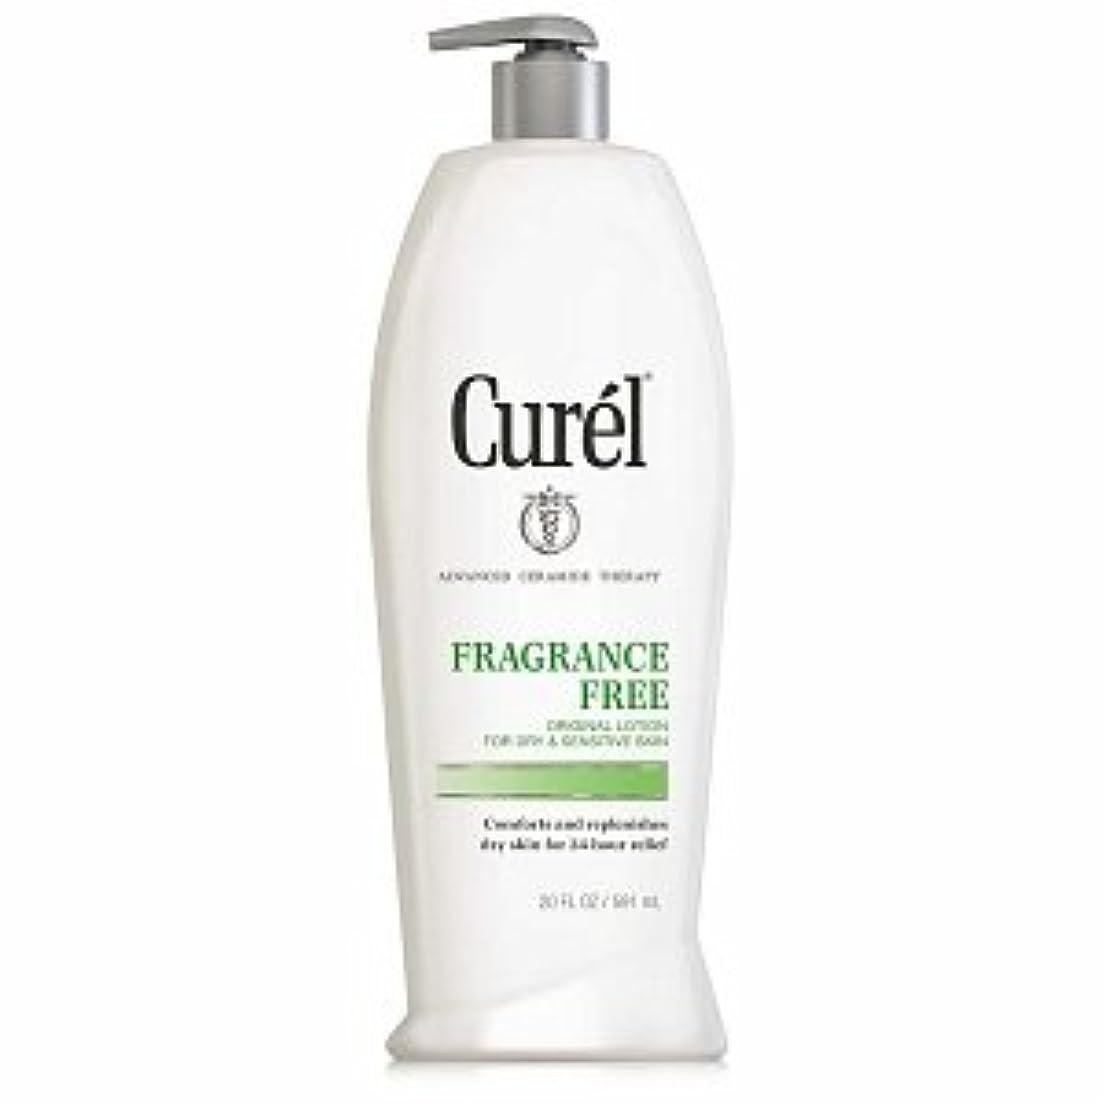 に勝る大量ガジュマルCurel Fragrance Free Original Lotion For Dry&Sensitive Skin - 13 fl oz  ポンプ式